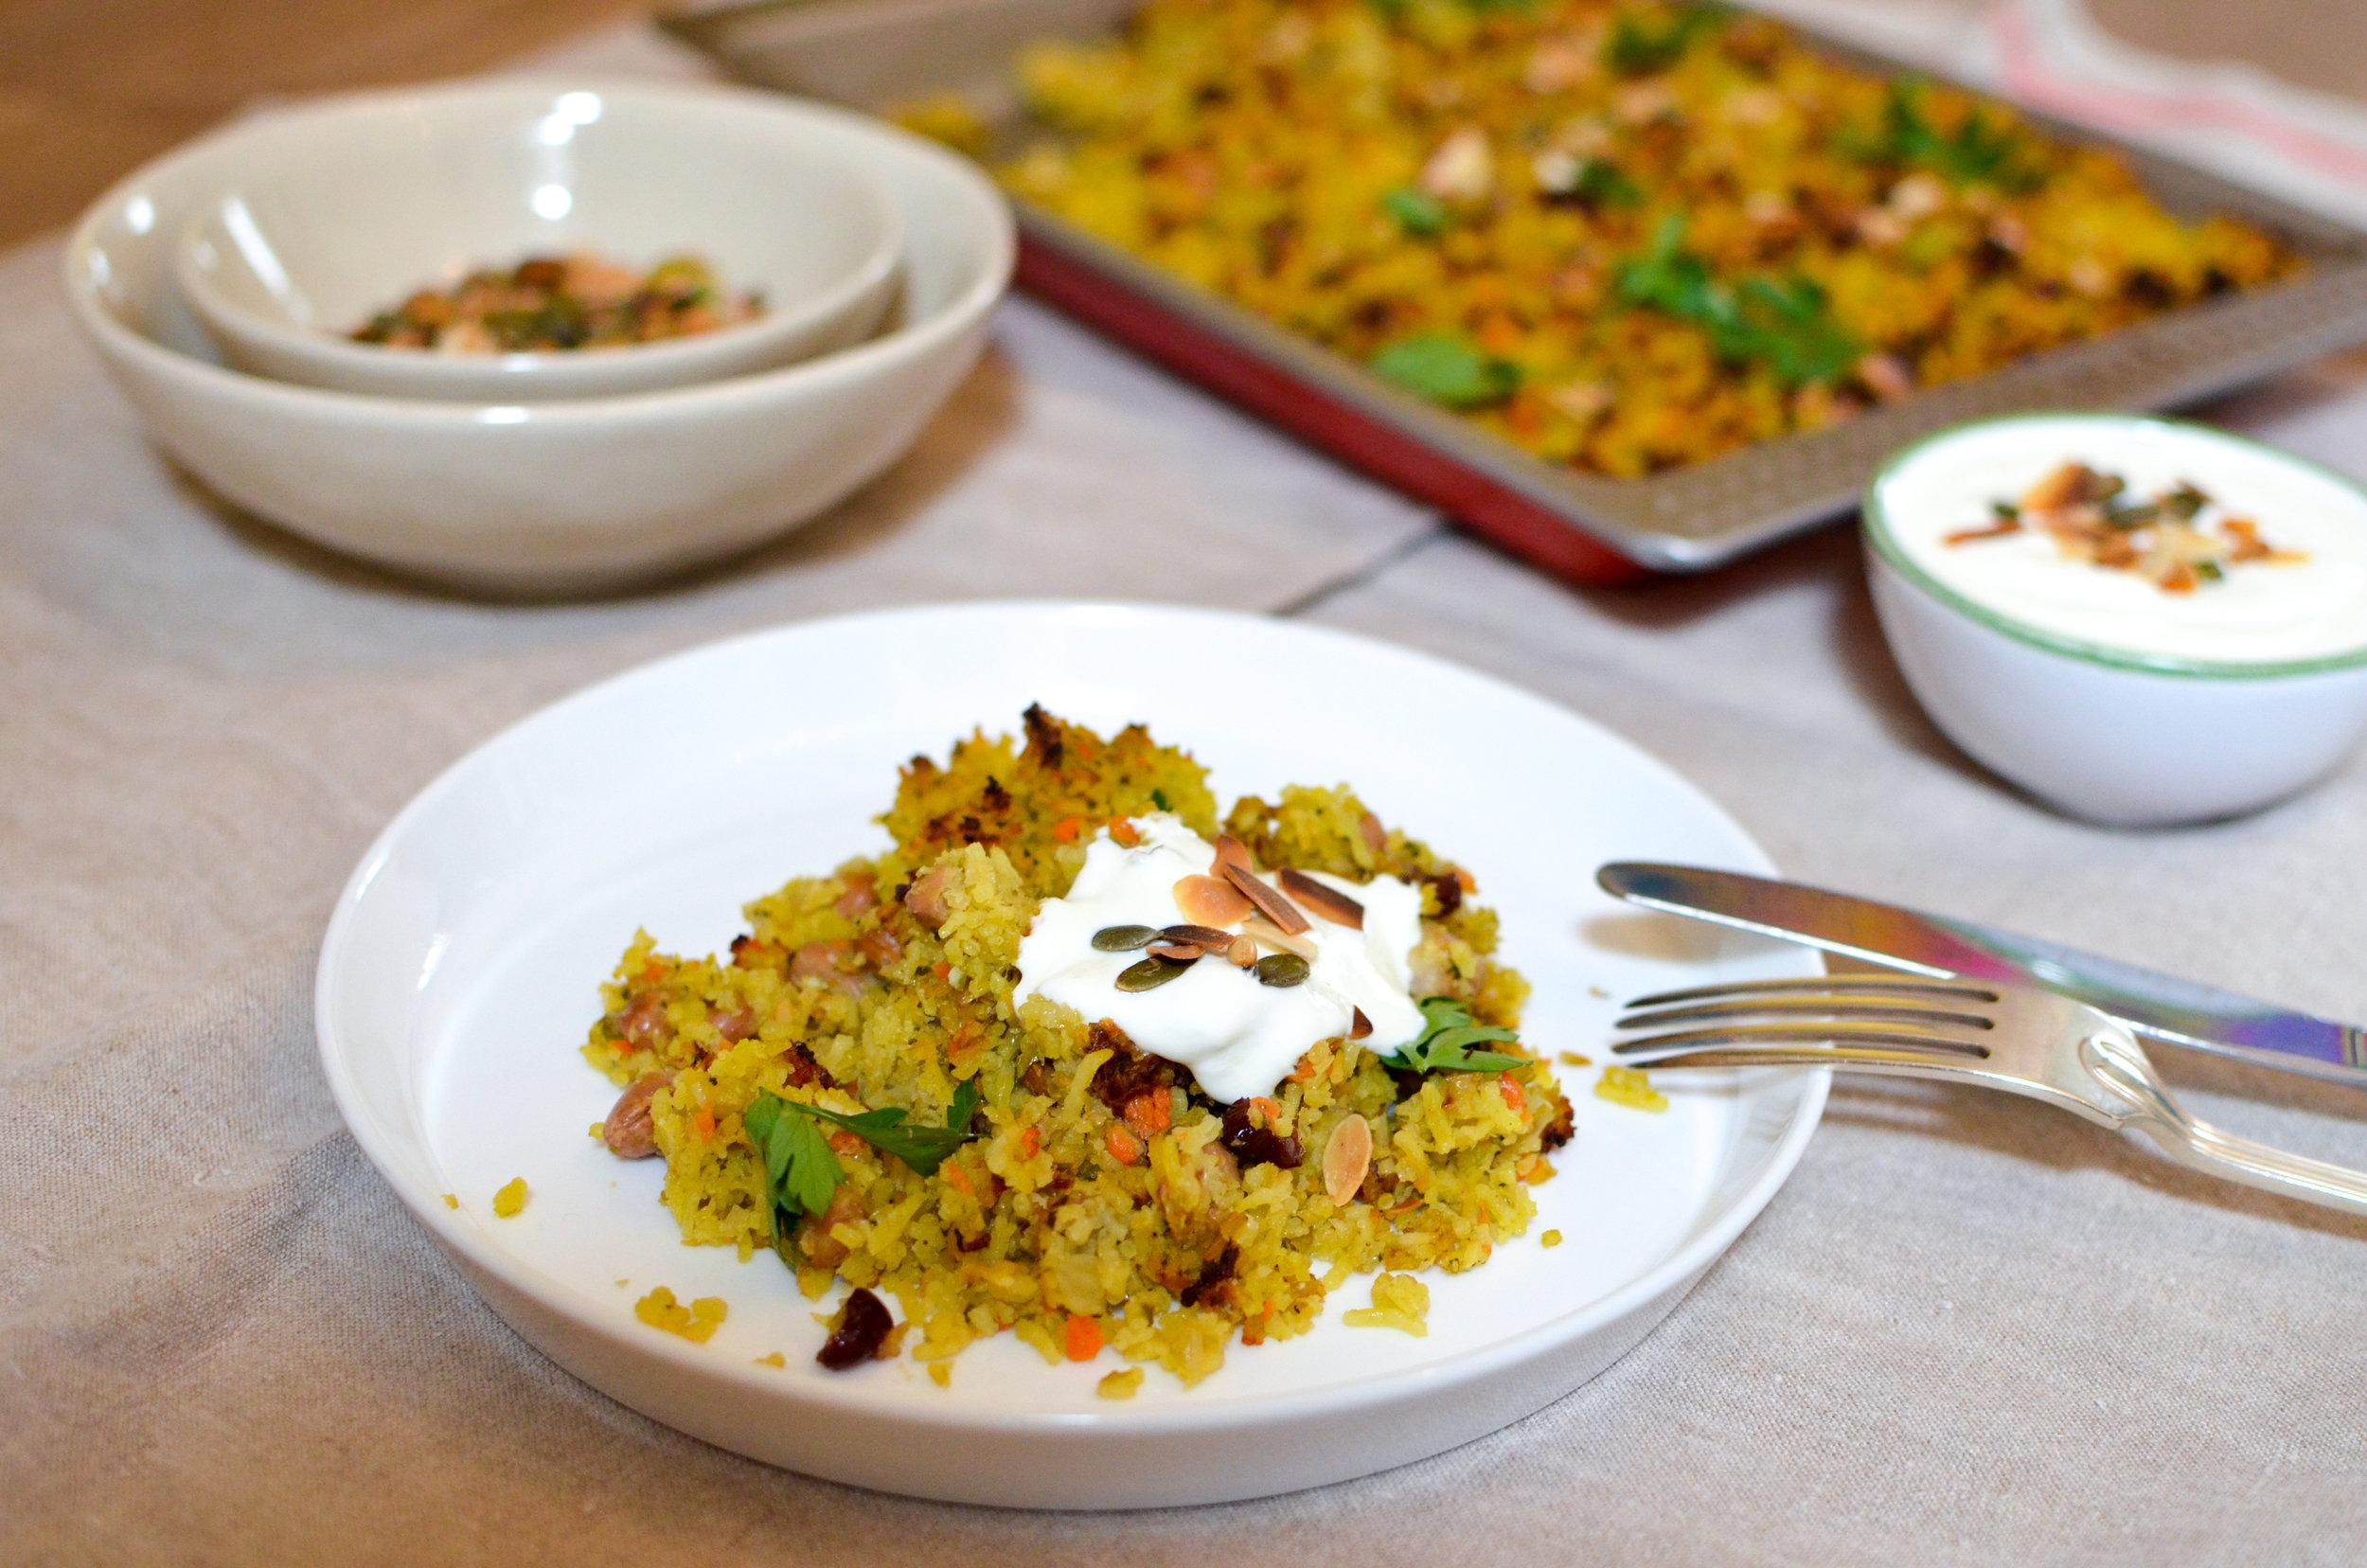 Ingrediënten:  Basmati rijst, venkel, wortel, prei, borlottiboon, limoen, veenbessen, peterselie,  amandel, pistache , pompoenpitten, safran, knoflook,  groentebouillon , olijfolie, zout, peper.